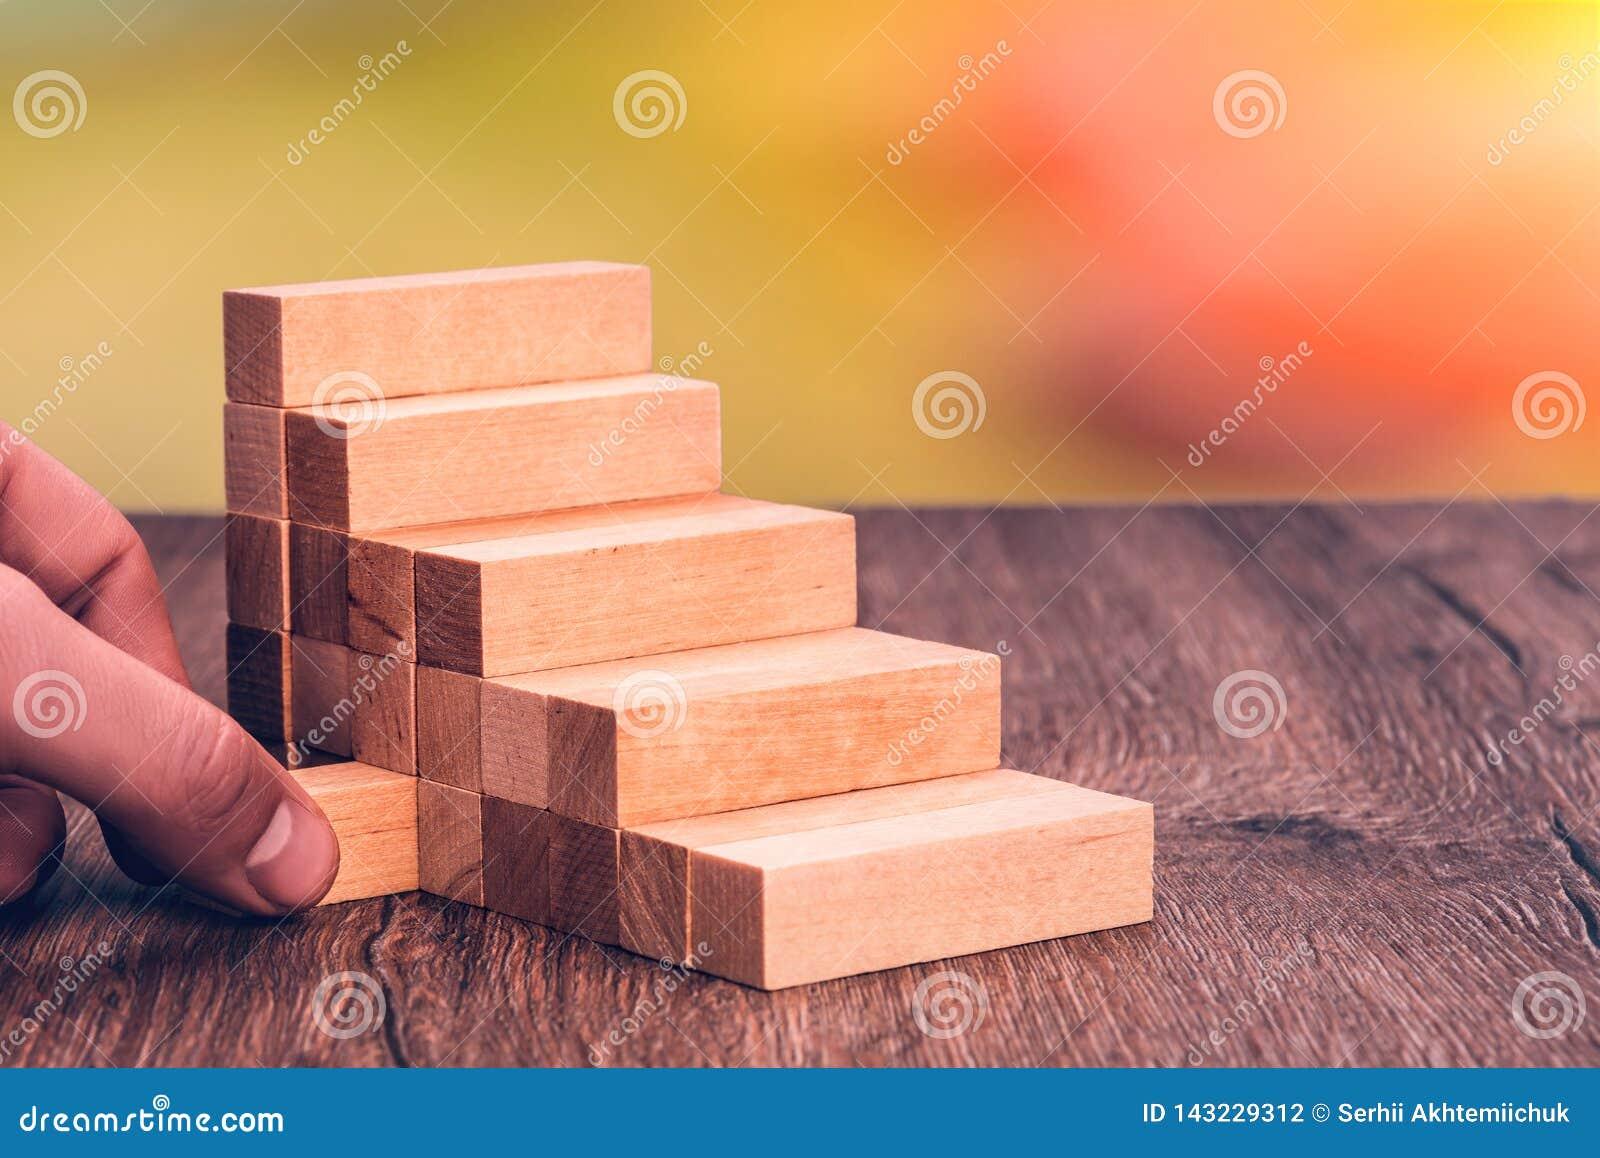 Uma mão humana puxa um tijolo fora de uma escada Conceito: o colapso, a causa de que era a traição